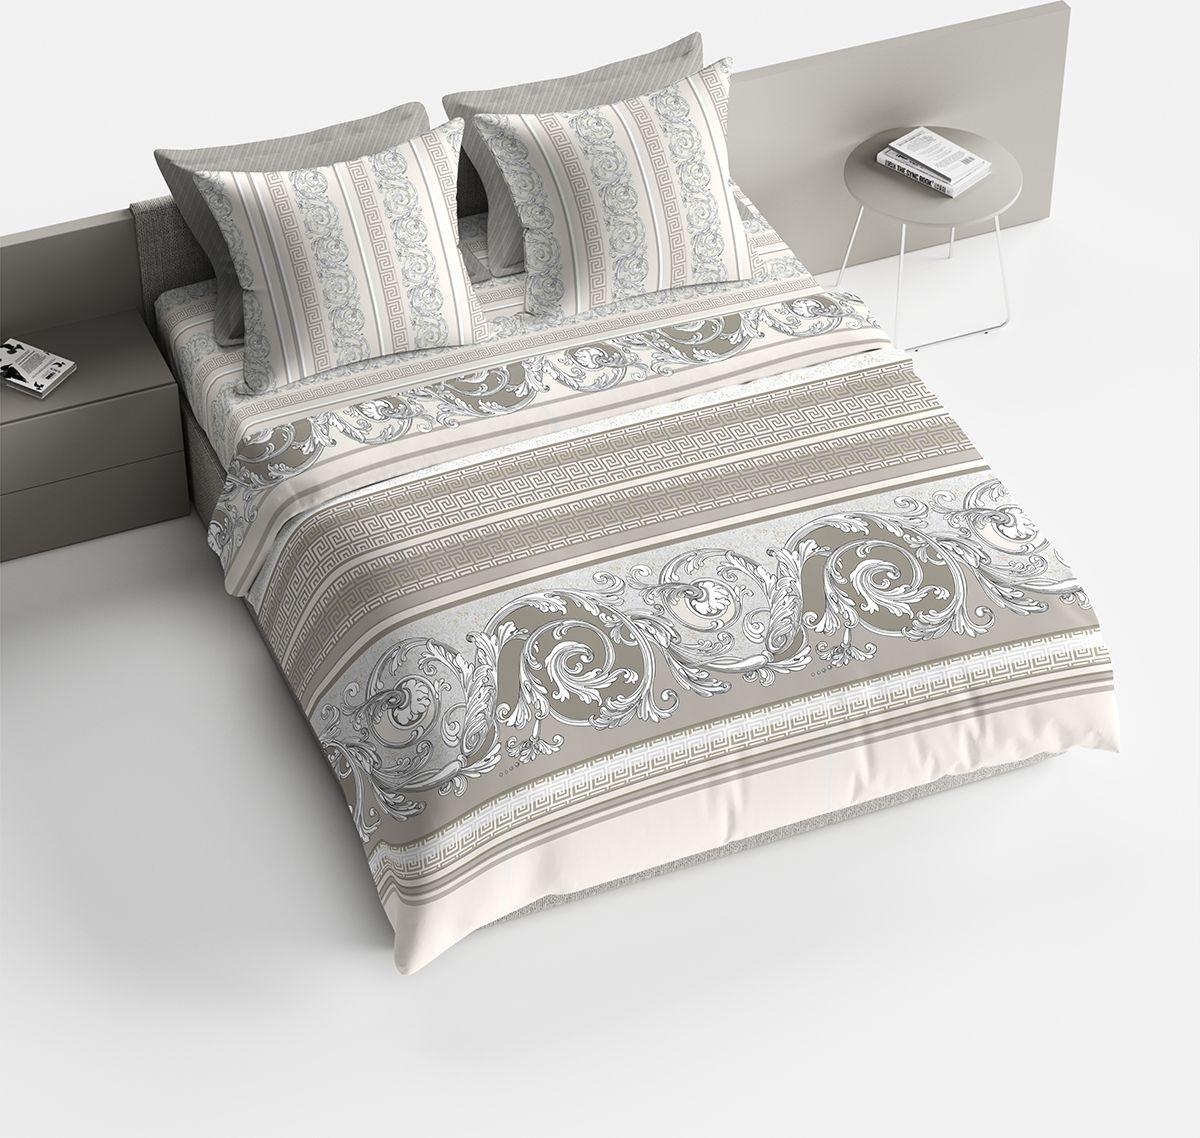 Комплект белья Браво Барокко, 2-спальное, наволочки 70x70, цвет: серый90412Комплекты постельного белья из ткани LUX COTTON (высококачественный поплин), сотканной из длинноволокнистого египетского хлопка, созданы специально для людей с оригинальным вкусом, предпочитающим современные решения в интерьере. Обновленная стильная упаковка делает этот комплект отличным подарком. • Равноплотная ткань из 100% хлопка; • Обработана по технологии мерсеризации и санфоризации; • Мягкая и нежная на ощупь; • Устойчива к трению; • Обладает высокими показателями гигроскопичности (впитывает влагу); • Выдерживает частые стирки, сохраняя первоначальные цвет, форму и размеры; • Безопасные красители ведущего немецкого производителя BEZEMAСоветы по выбору постельного белья от блогера Ирины Соковых. Статья OZON Гид